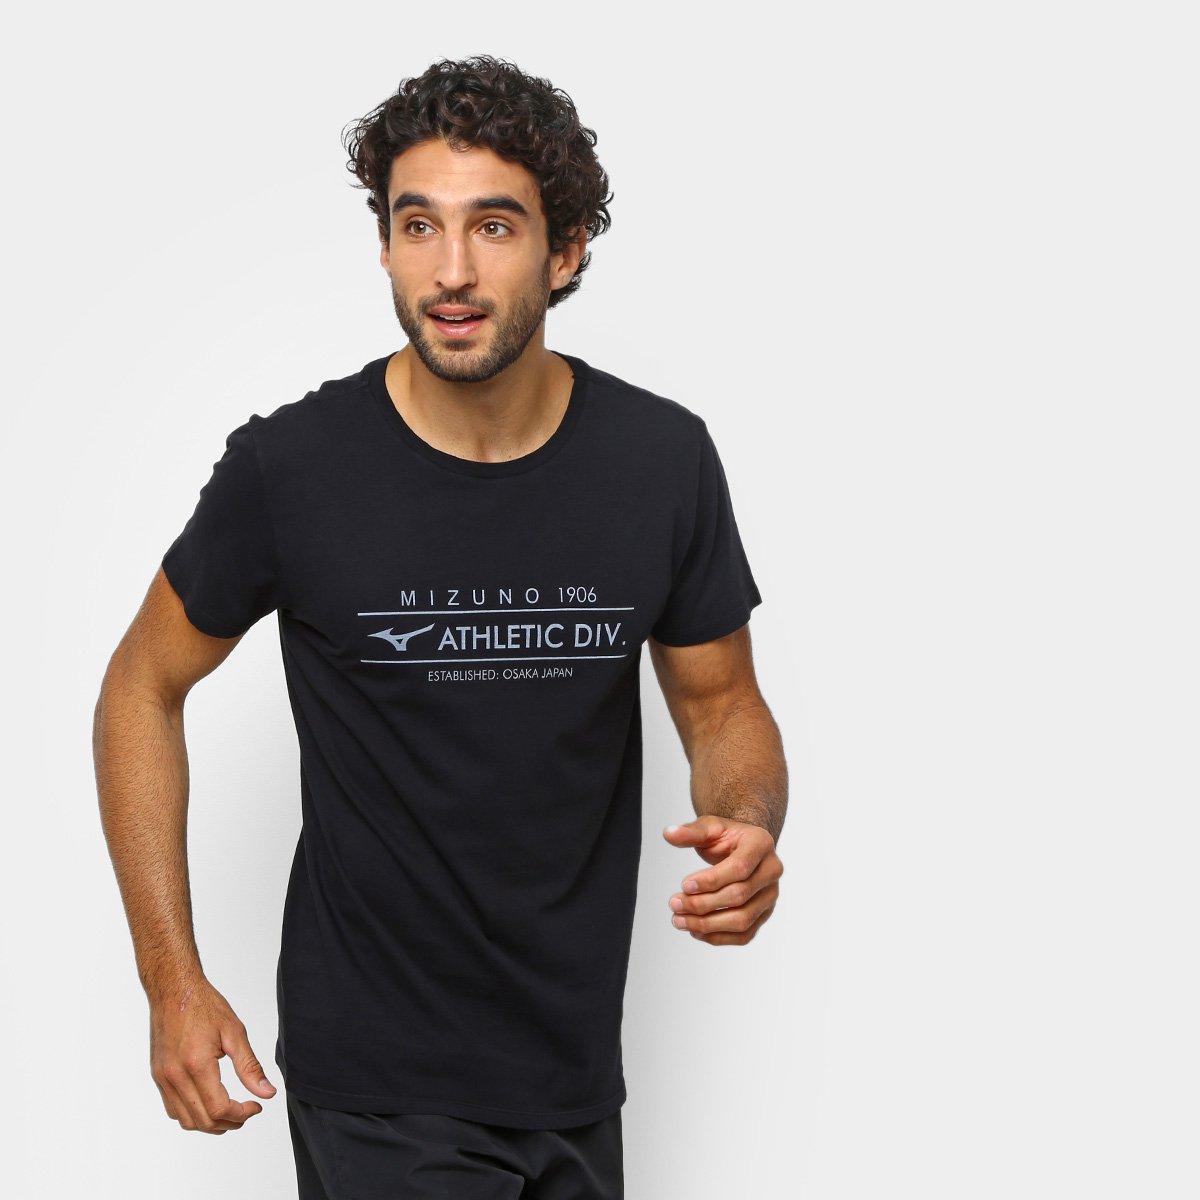 Camiseta Mizuno Athletic Div Masculina - Preto e Branco - Compre ... 2f7894a90643f